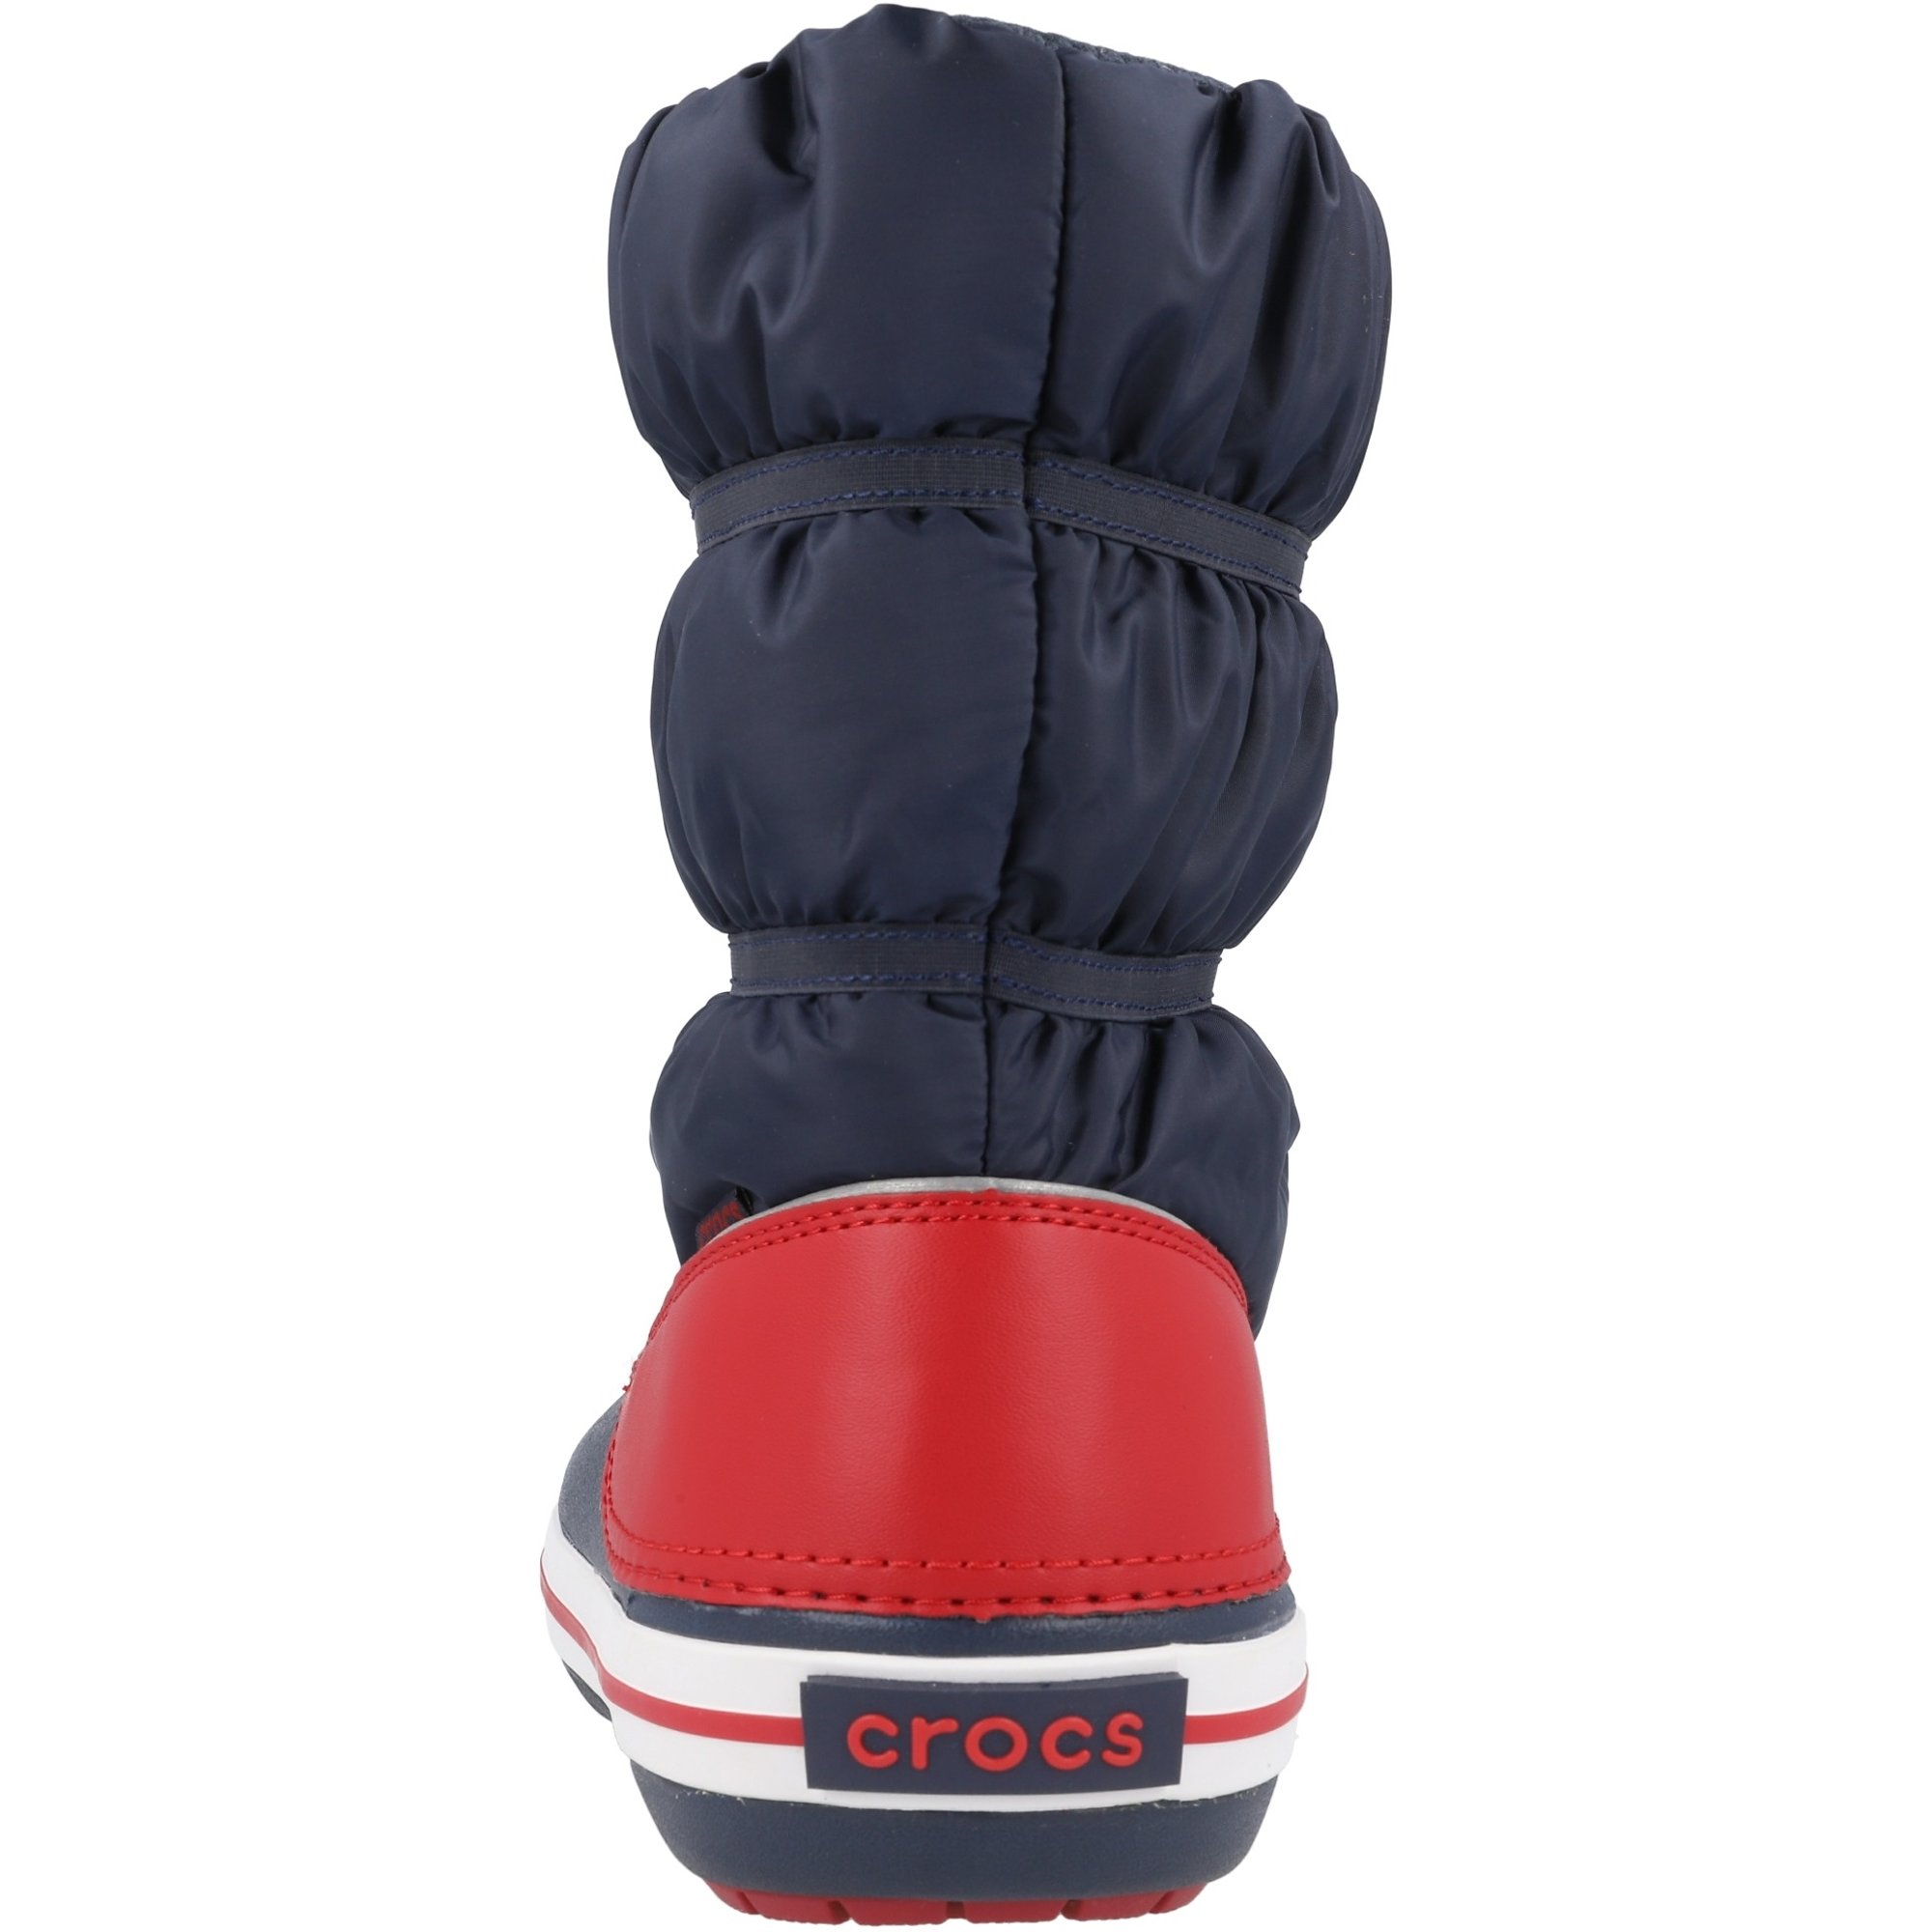 Crocs Kids Crocband Winter Boot Navy/Red Croslite